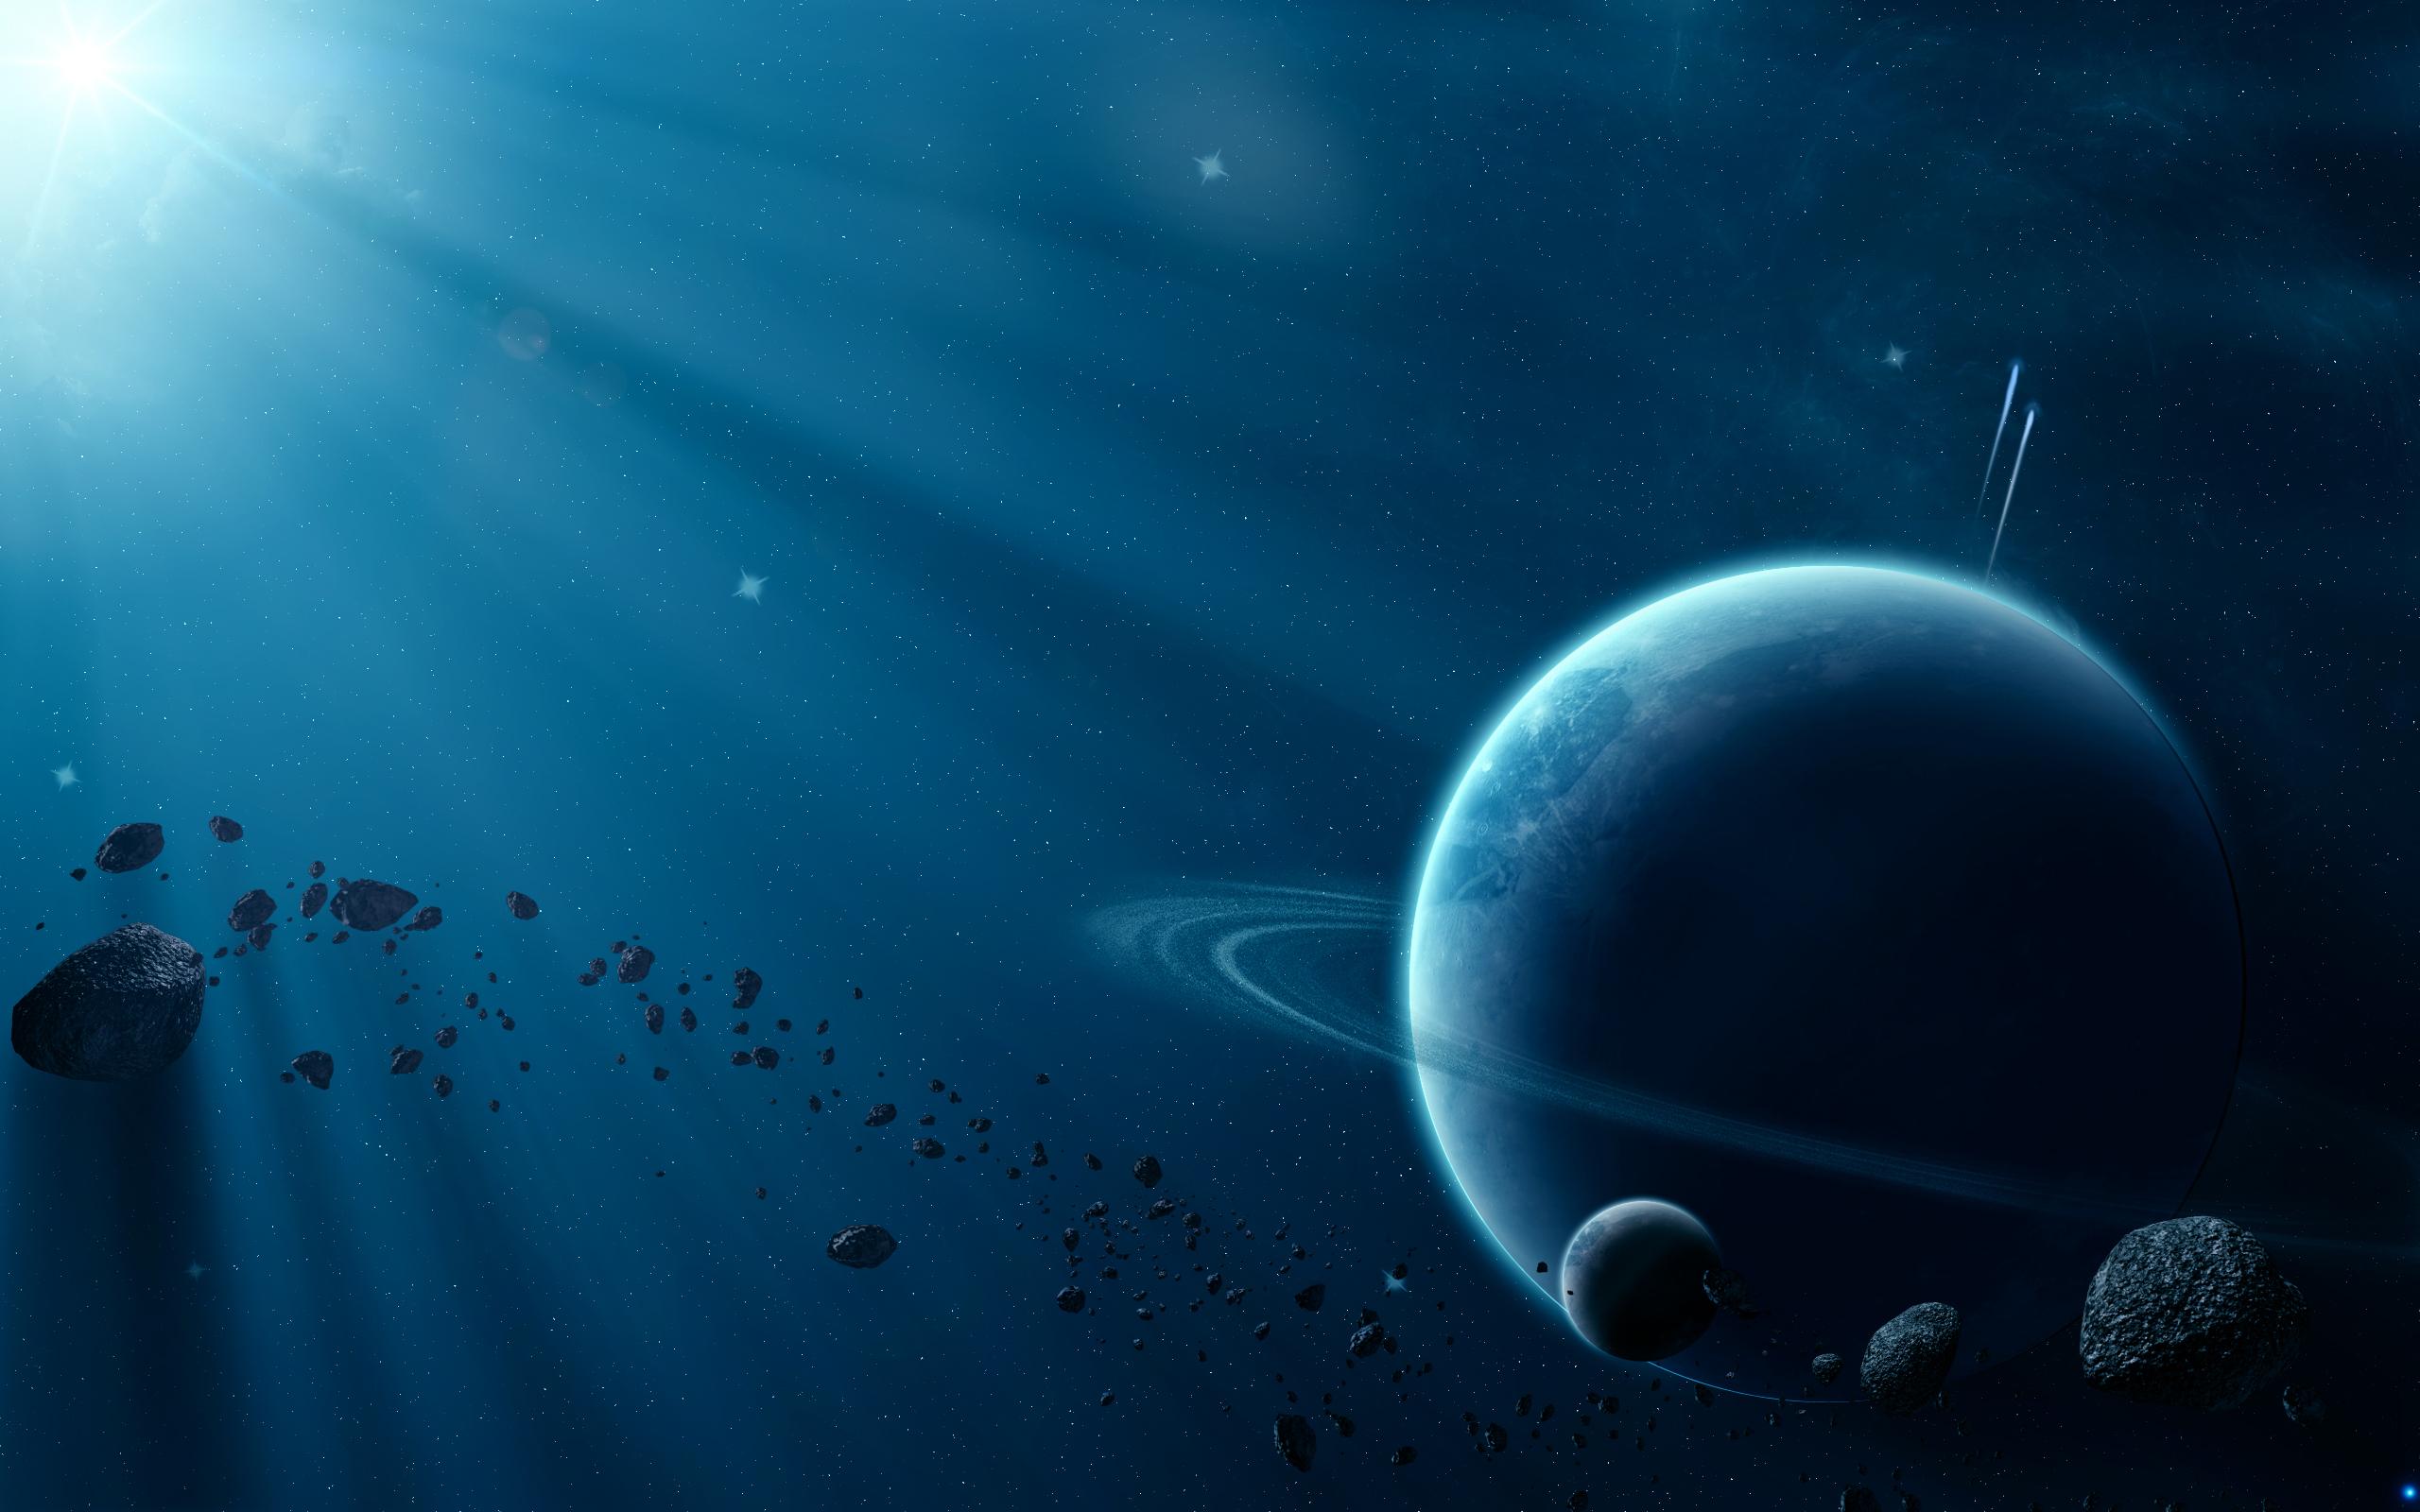 Обои планеты картинки на рабочий стол на тему Космос - скачать скачать